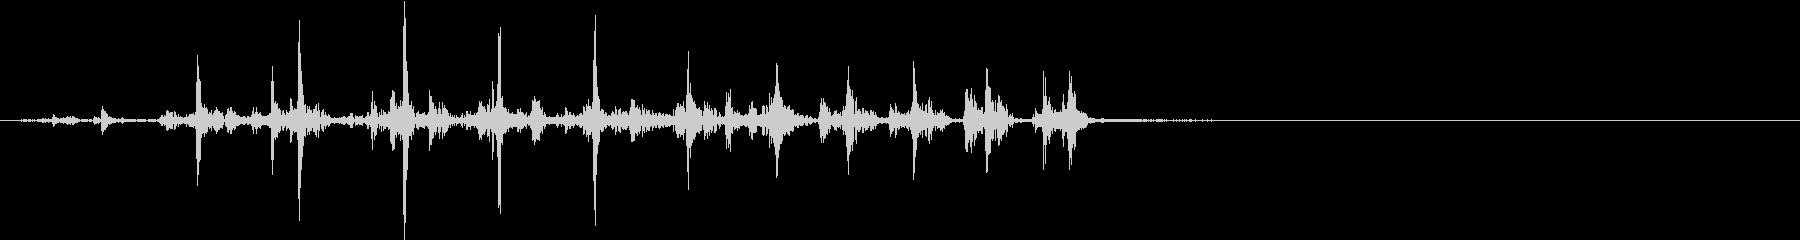 【生録音】カッターナイフの音 21の未再生の波形